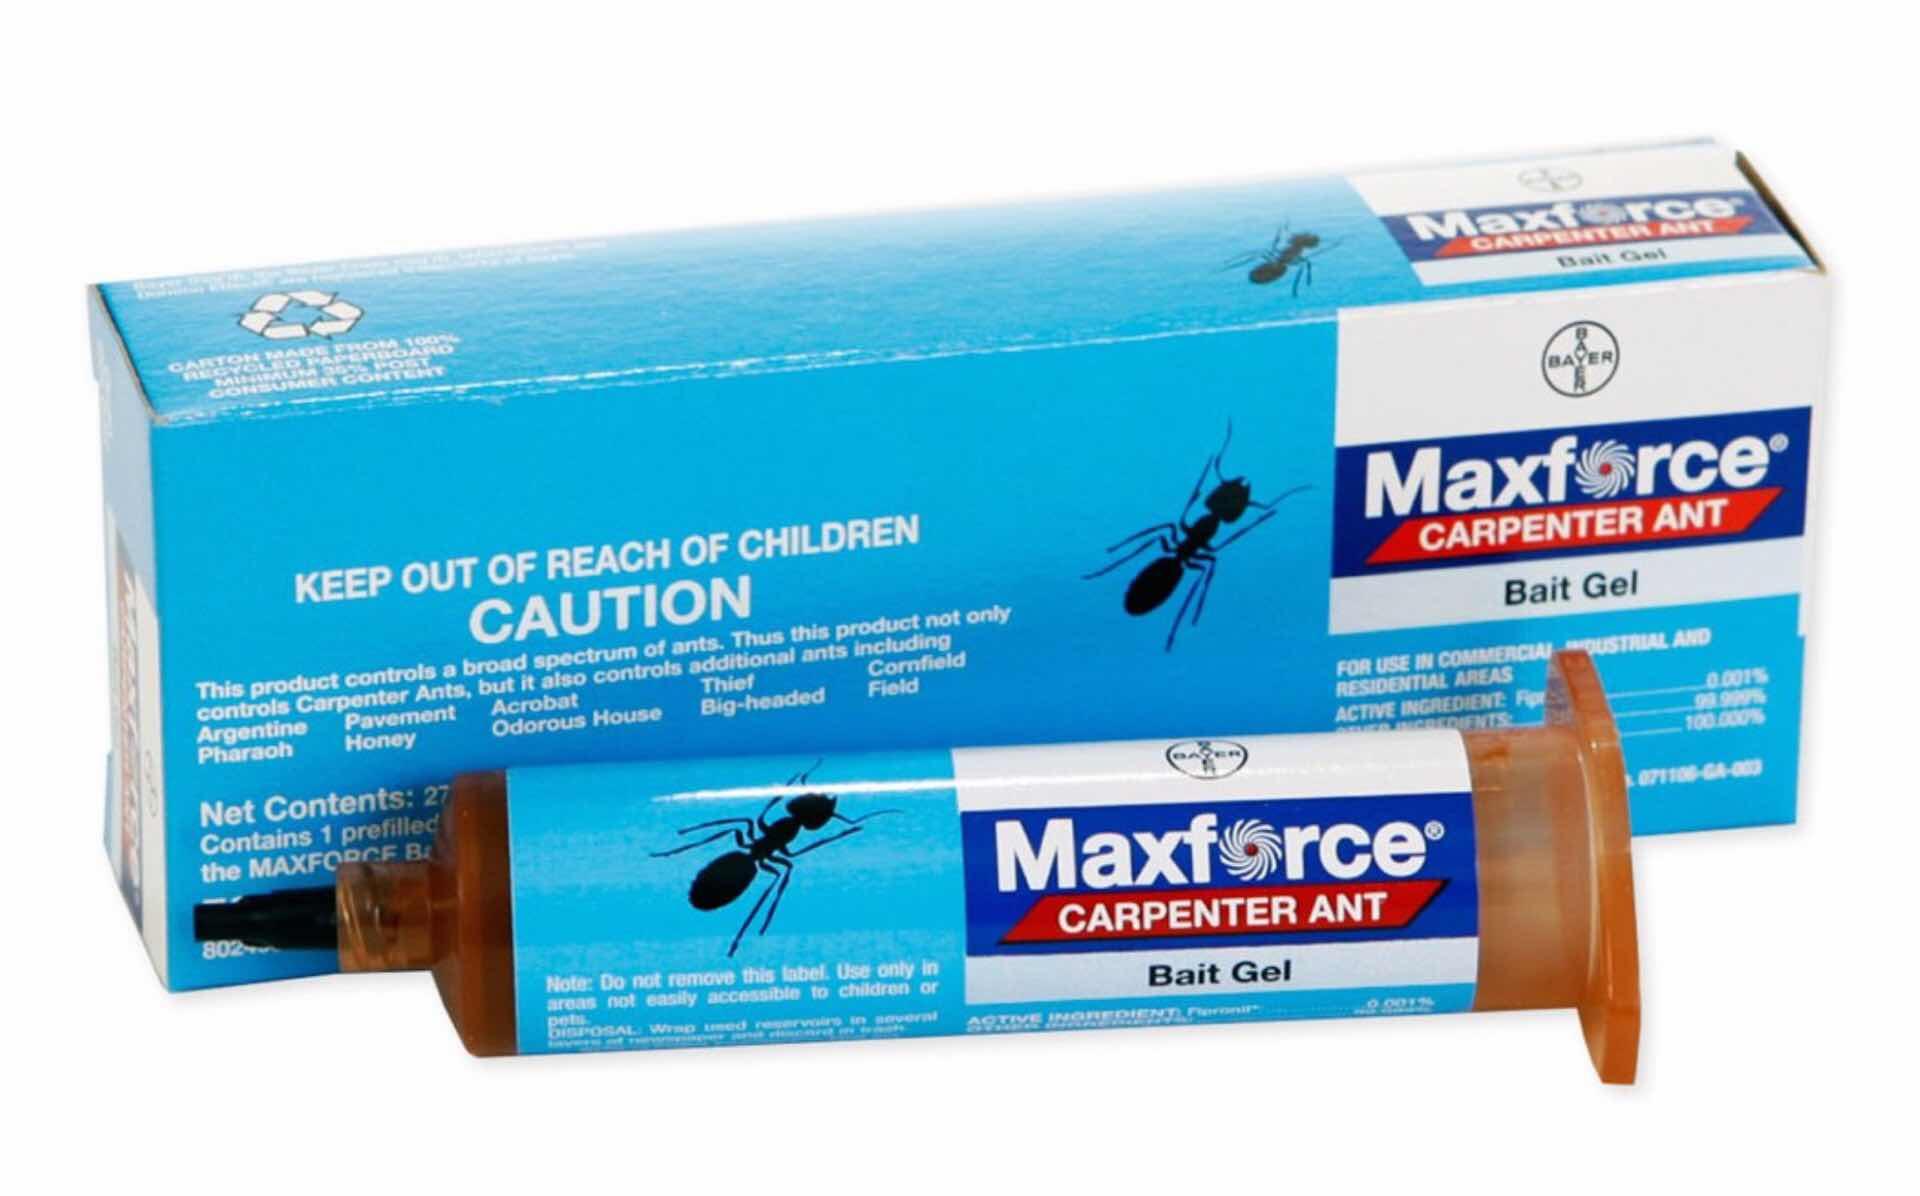 maxforce-carpenter-ant-bait-gel